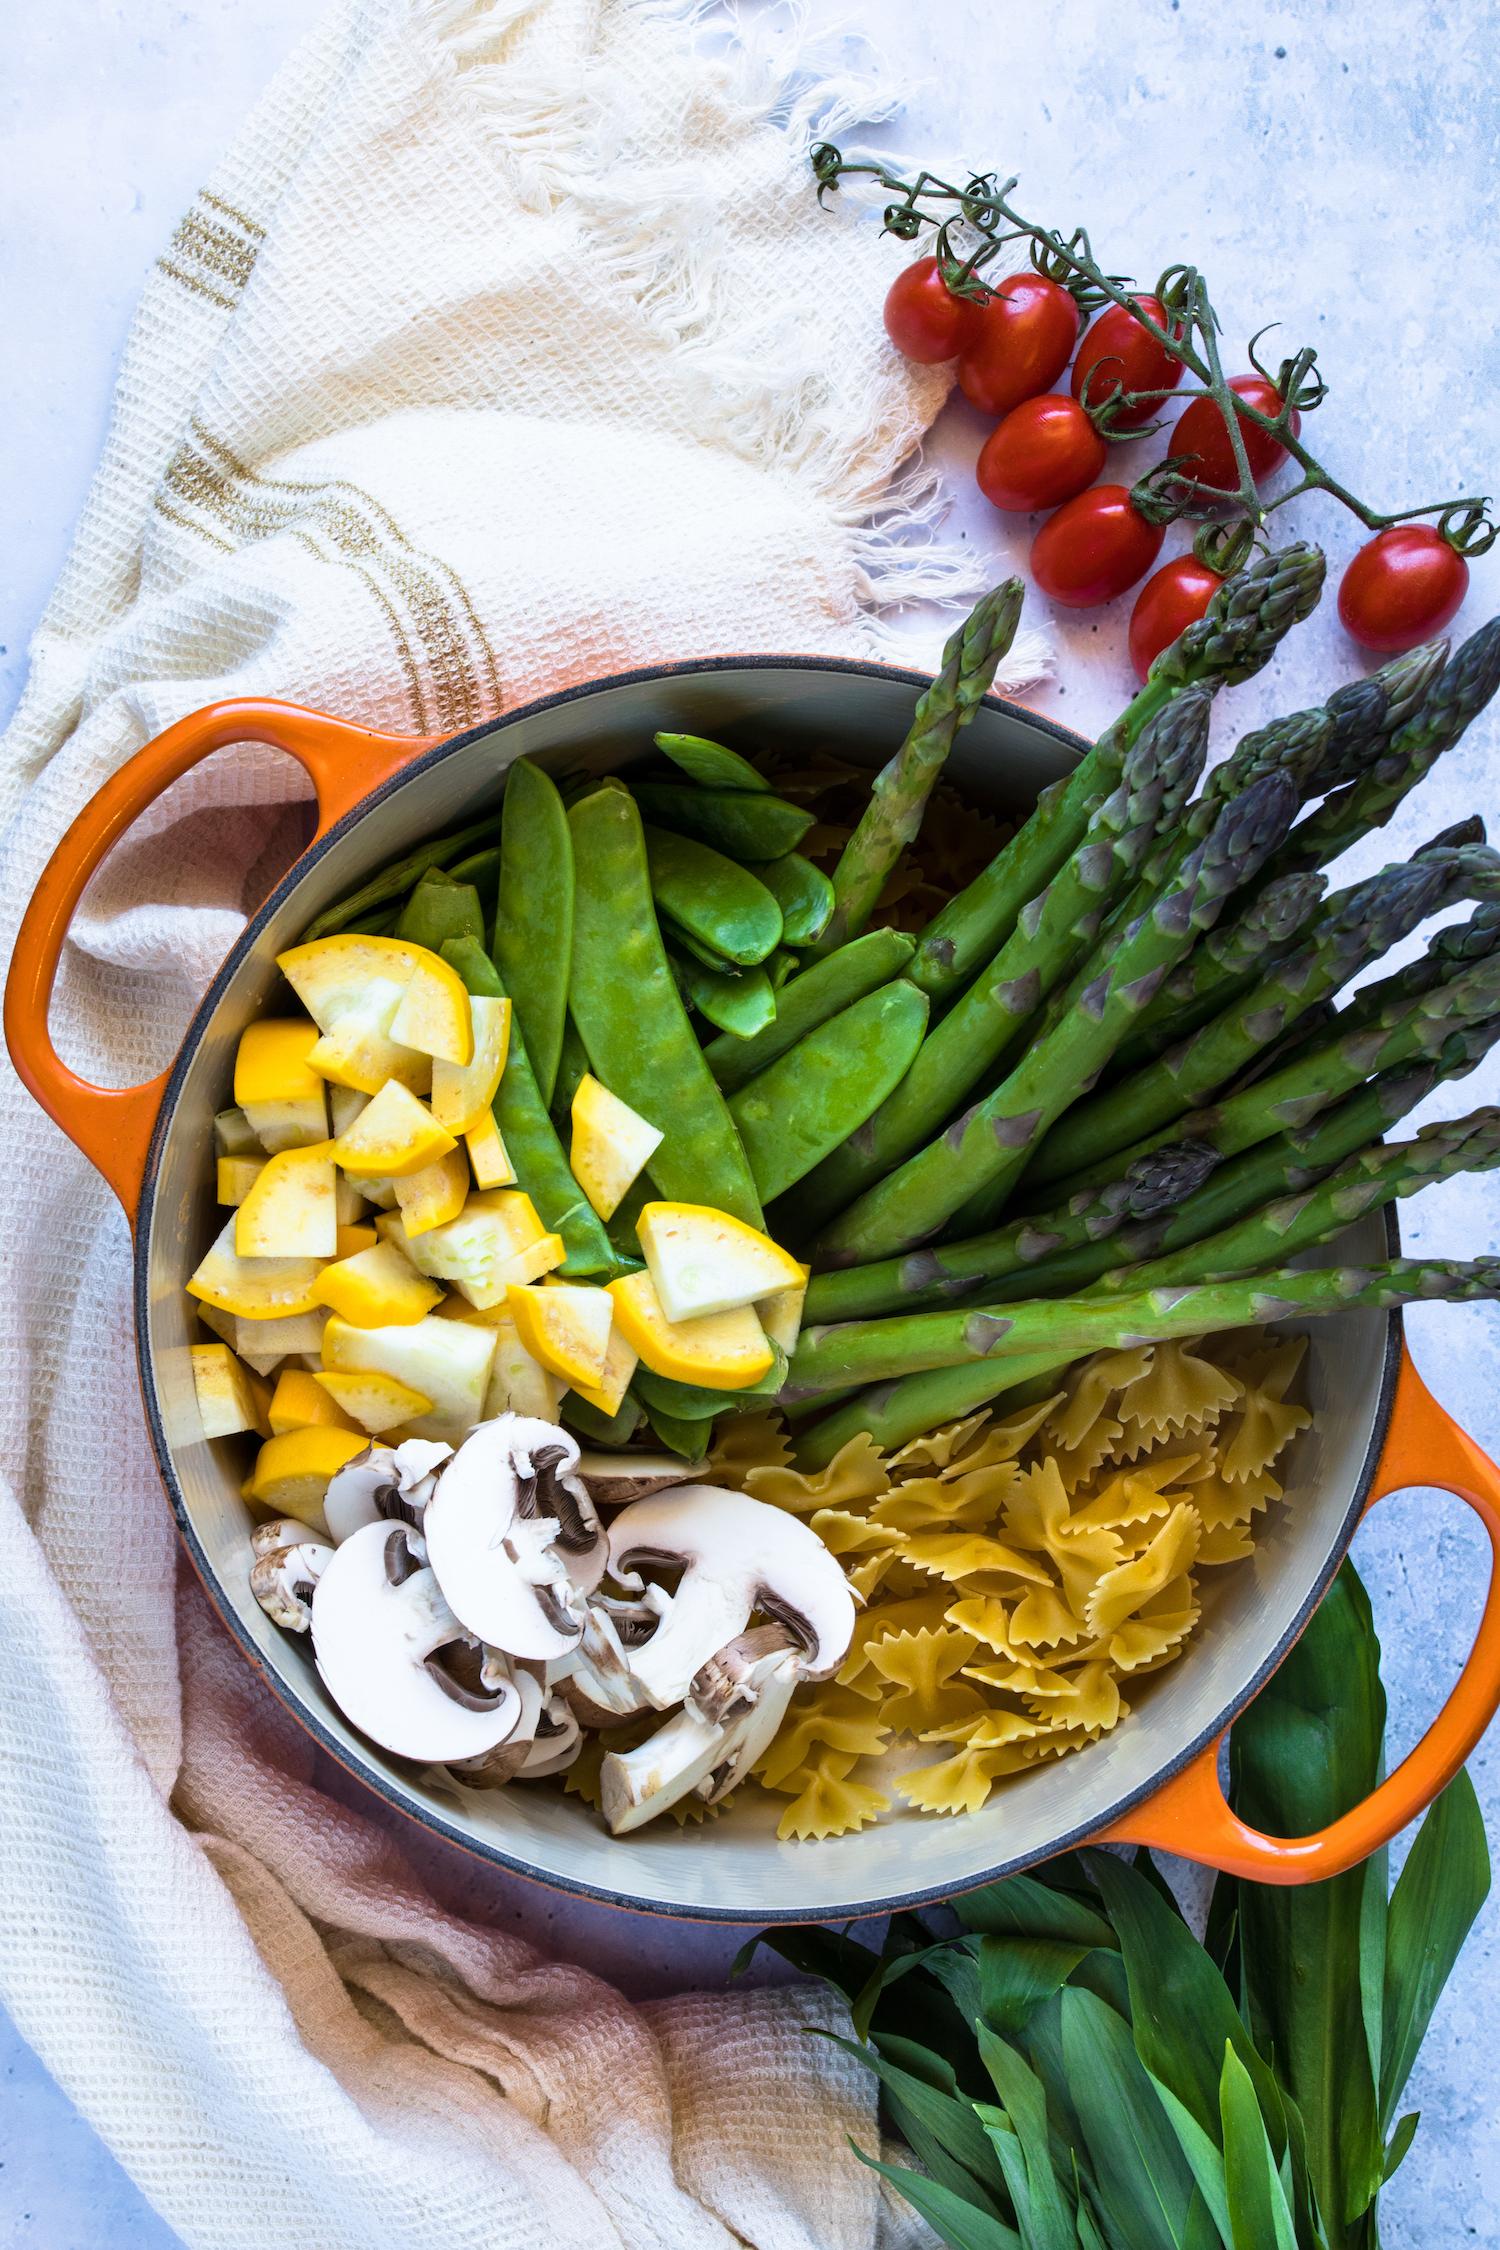 Ich koche die One Pot Pasta Primavera in meinem geliebten Le Creuset Topf.